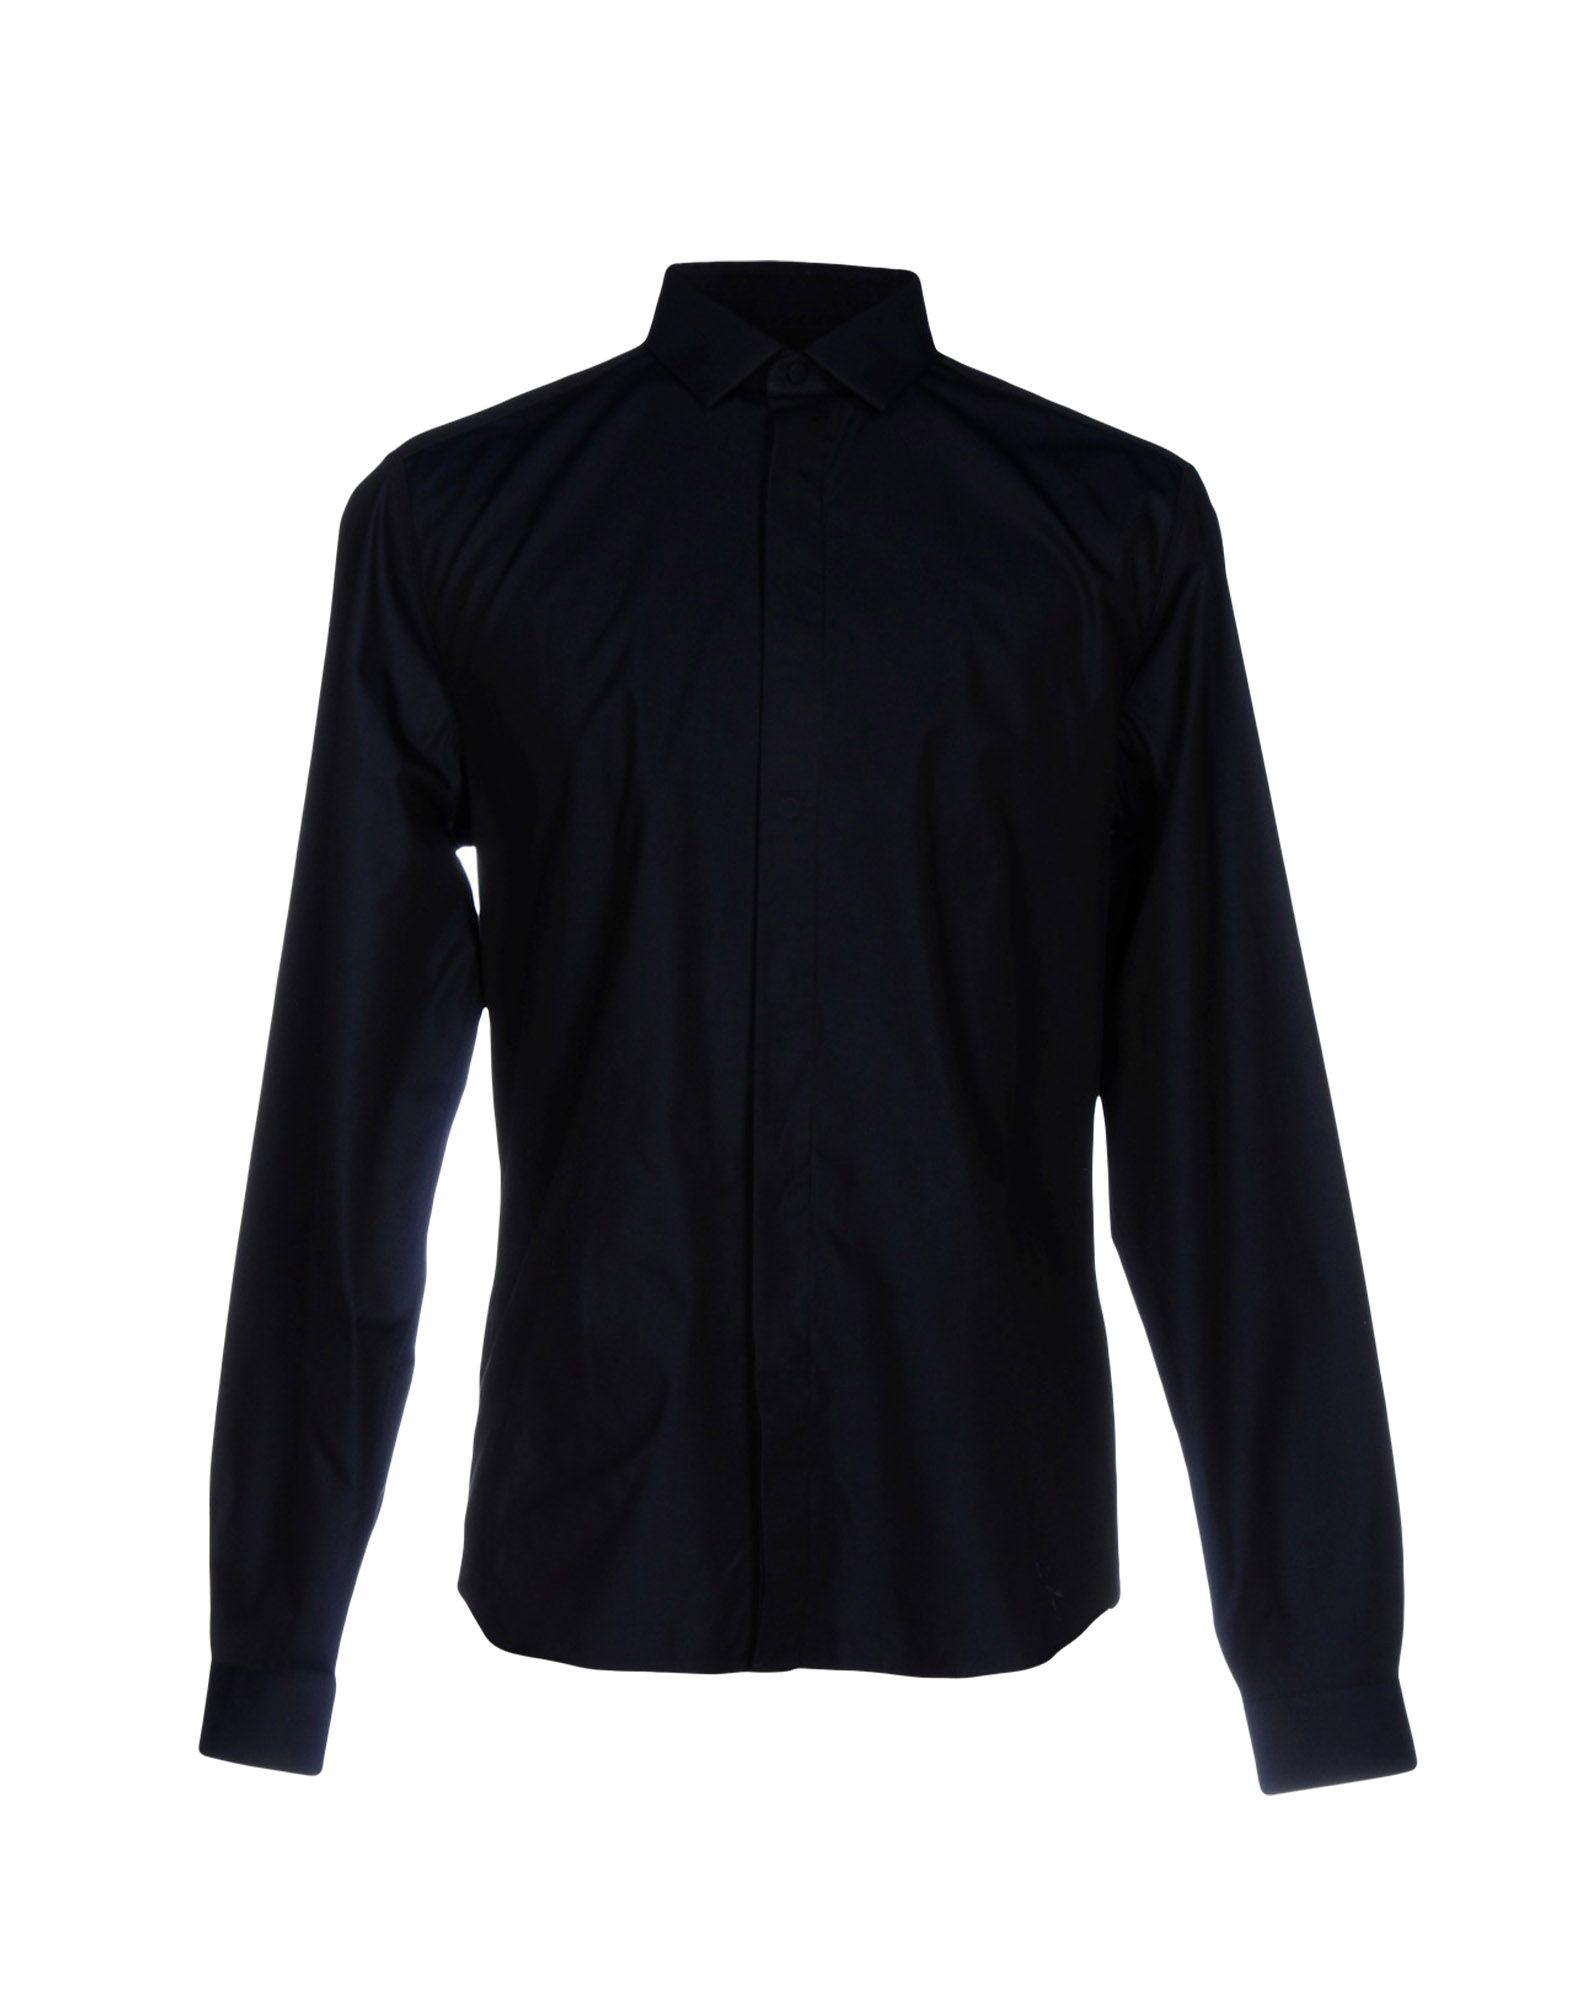 VALENTINO Herren Hemd Farbe Dunkelblau Größe 7